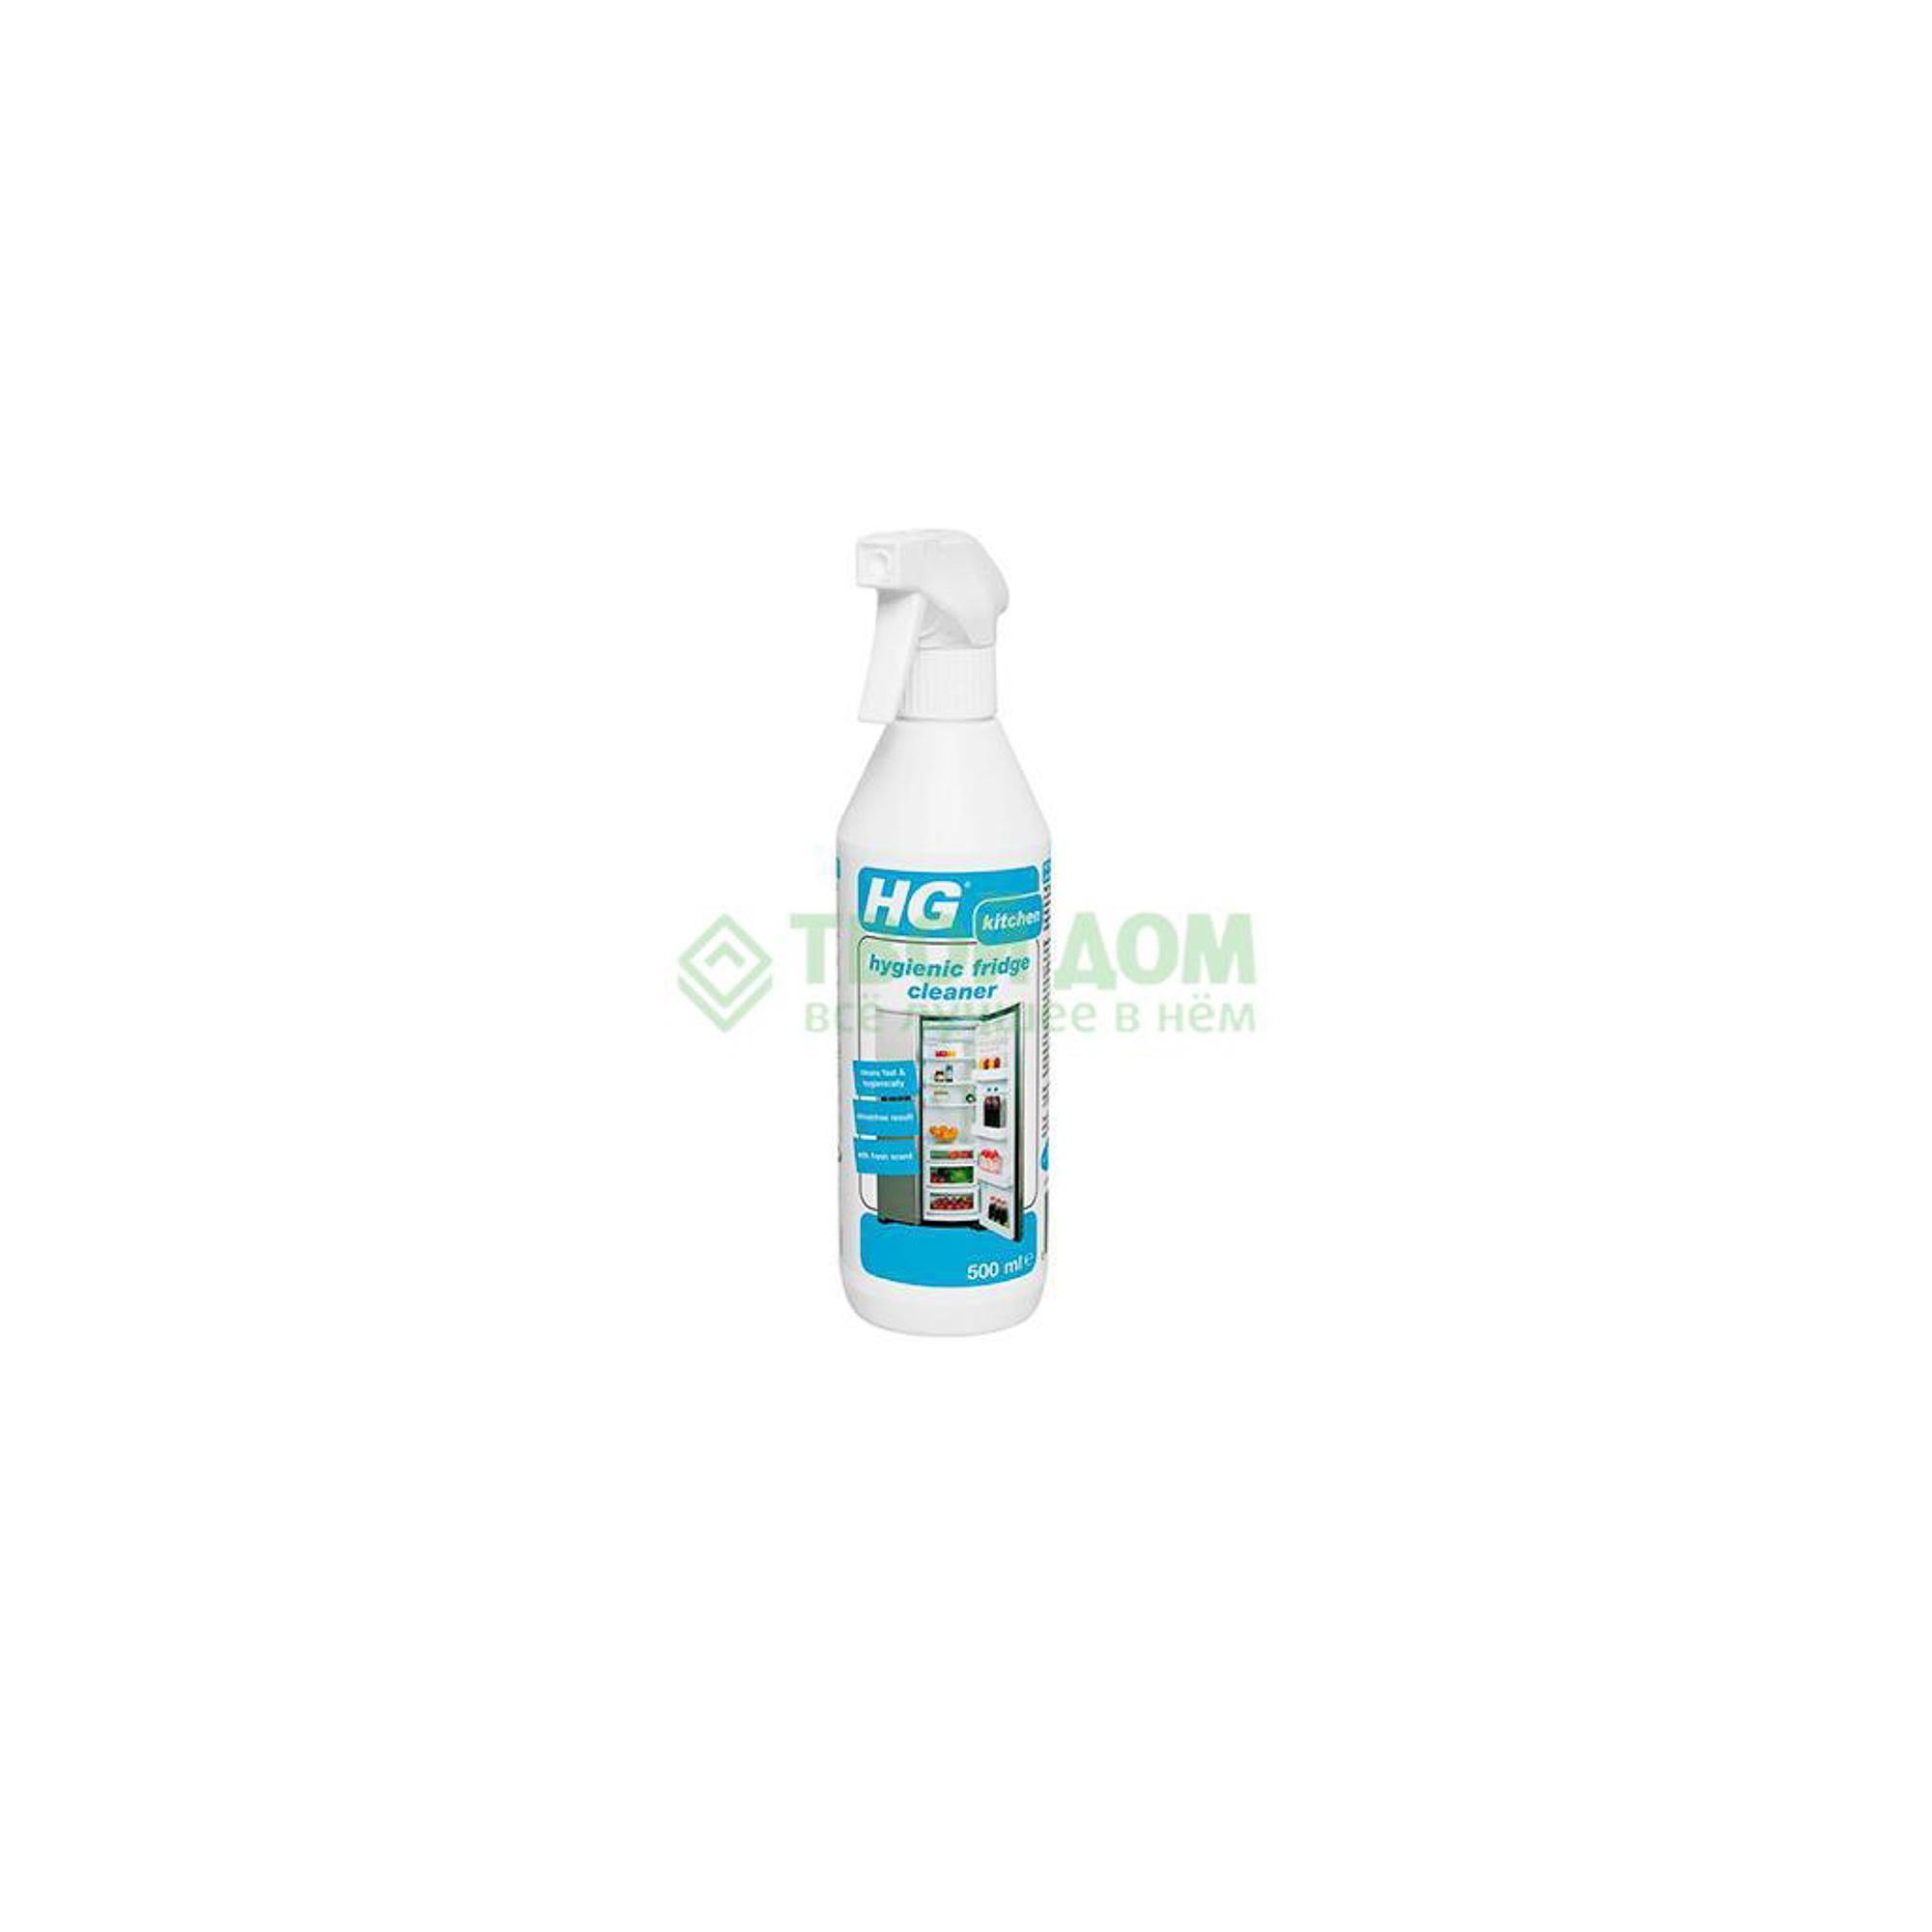 Фото - Чистящее средство HG для очистки холодильника 500 мл жидкость hg для гигиеничной очистки холодильника 500 мл